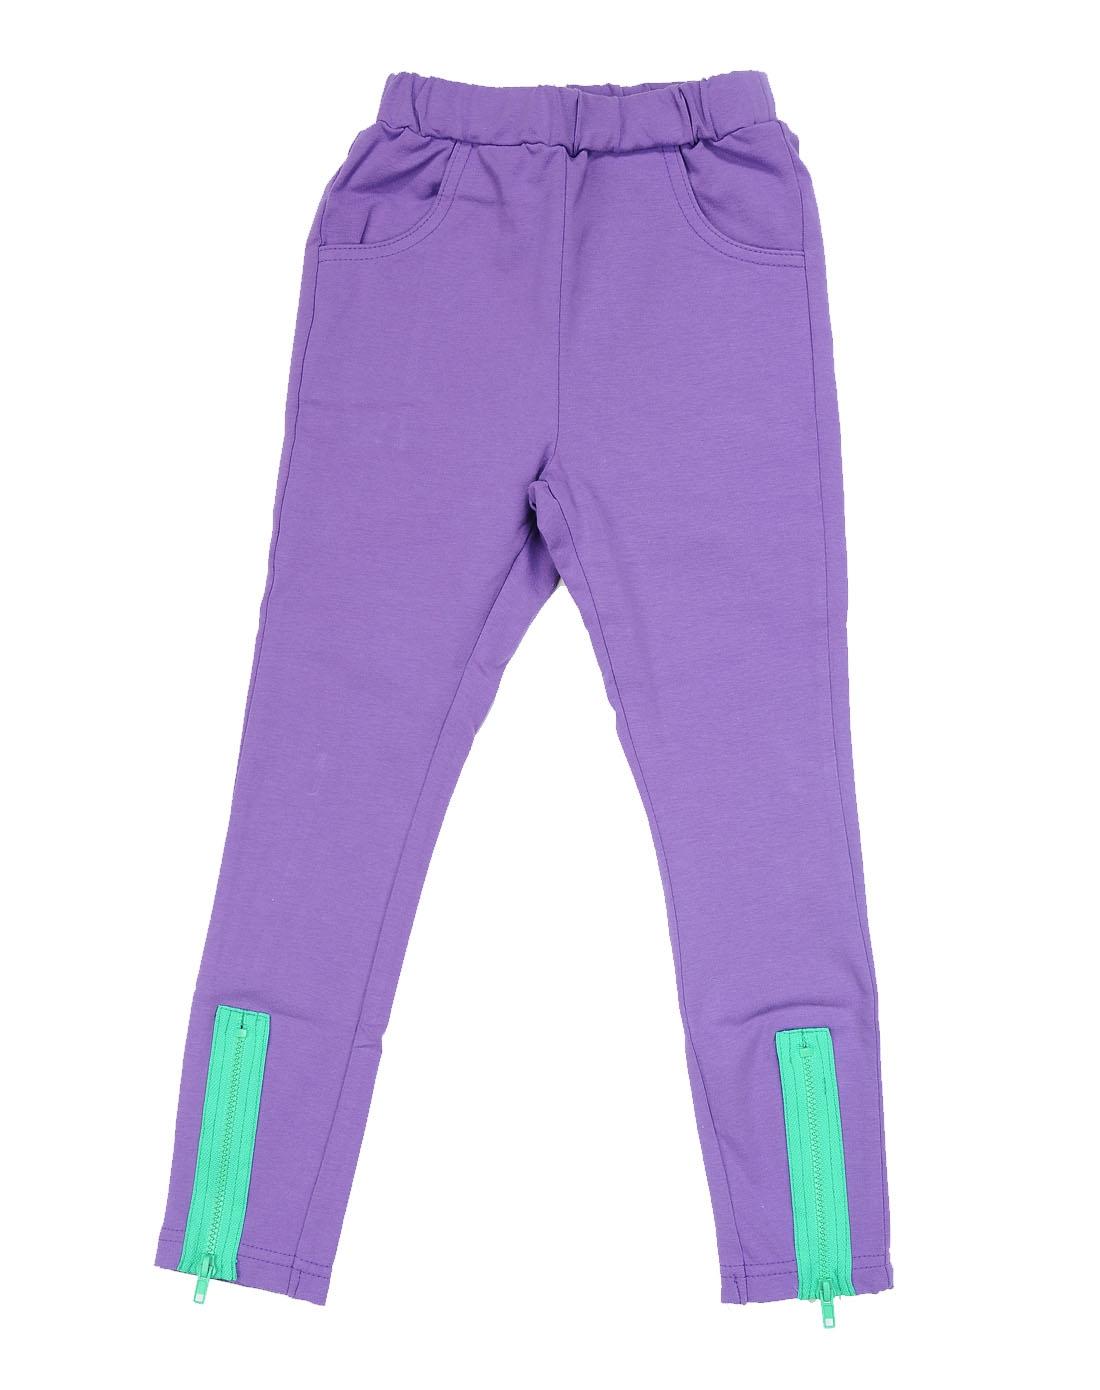 埃米希amici男女童女童紫色裤子l33007-023